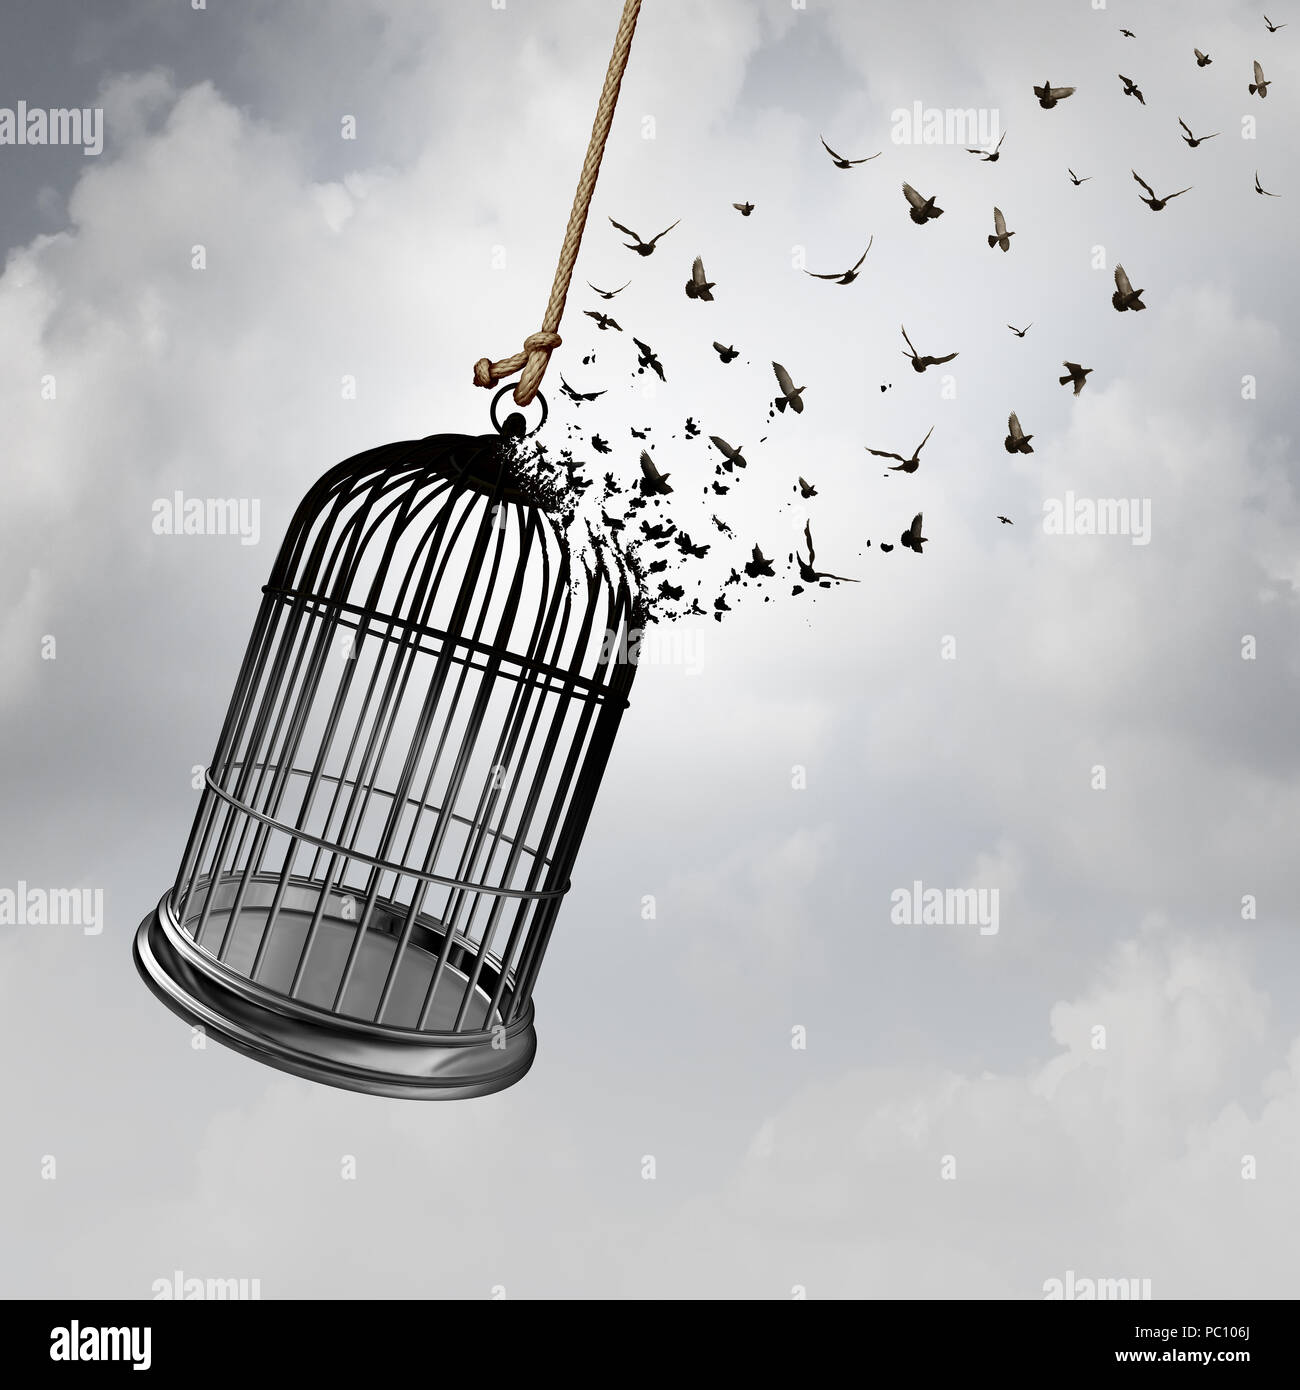 Idée de la liberté avec une cage à oiseaux en captivité comme un concept abstrait avec rendu 3D éléments. Photo Stock